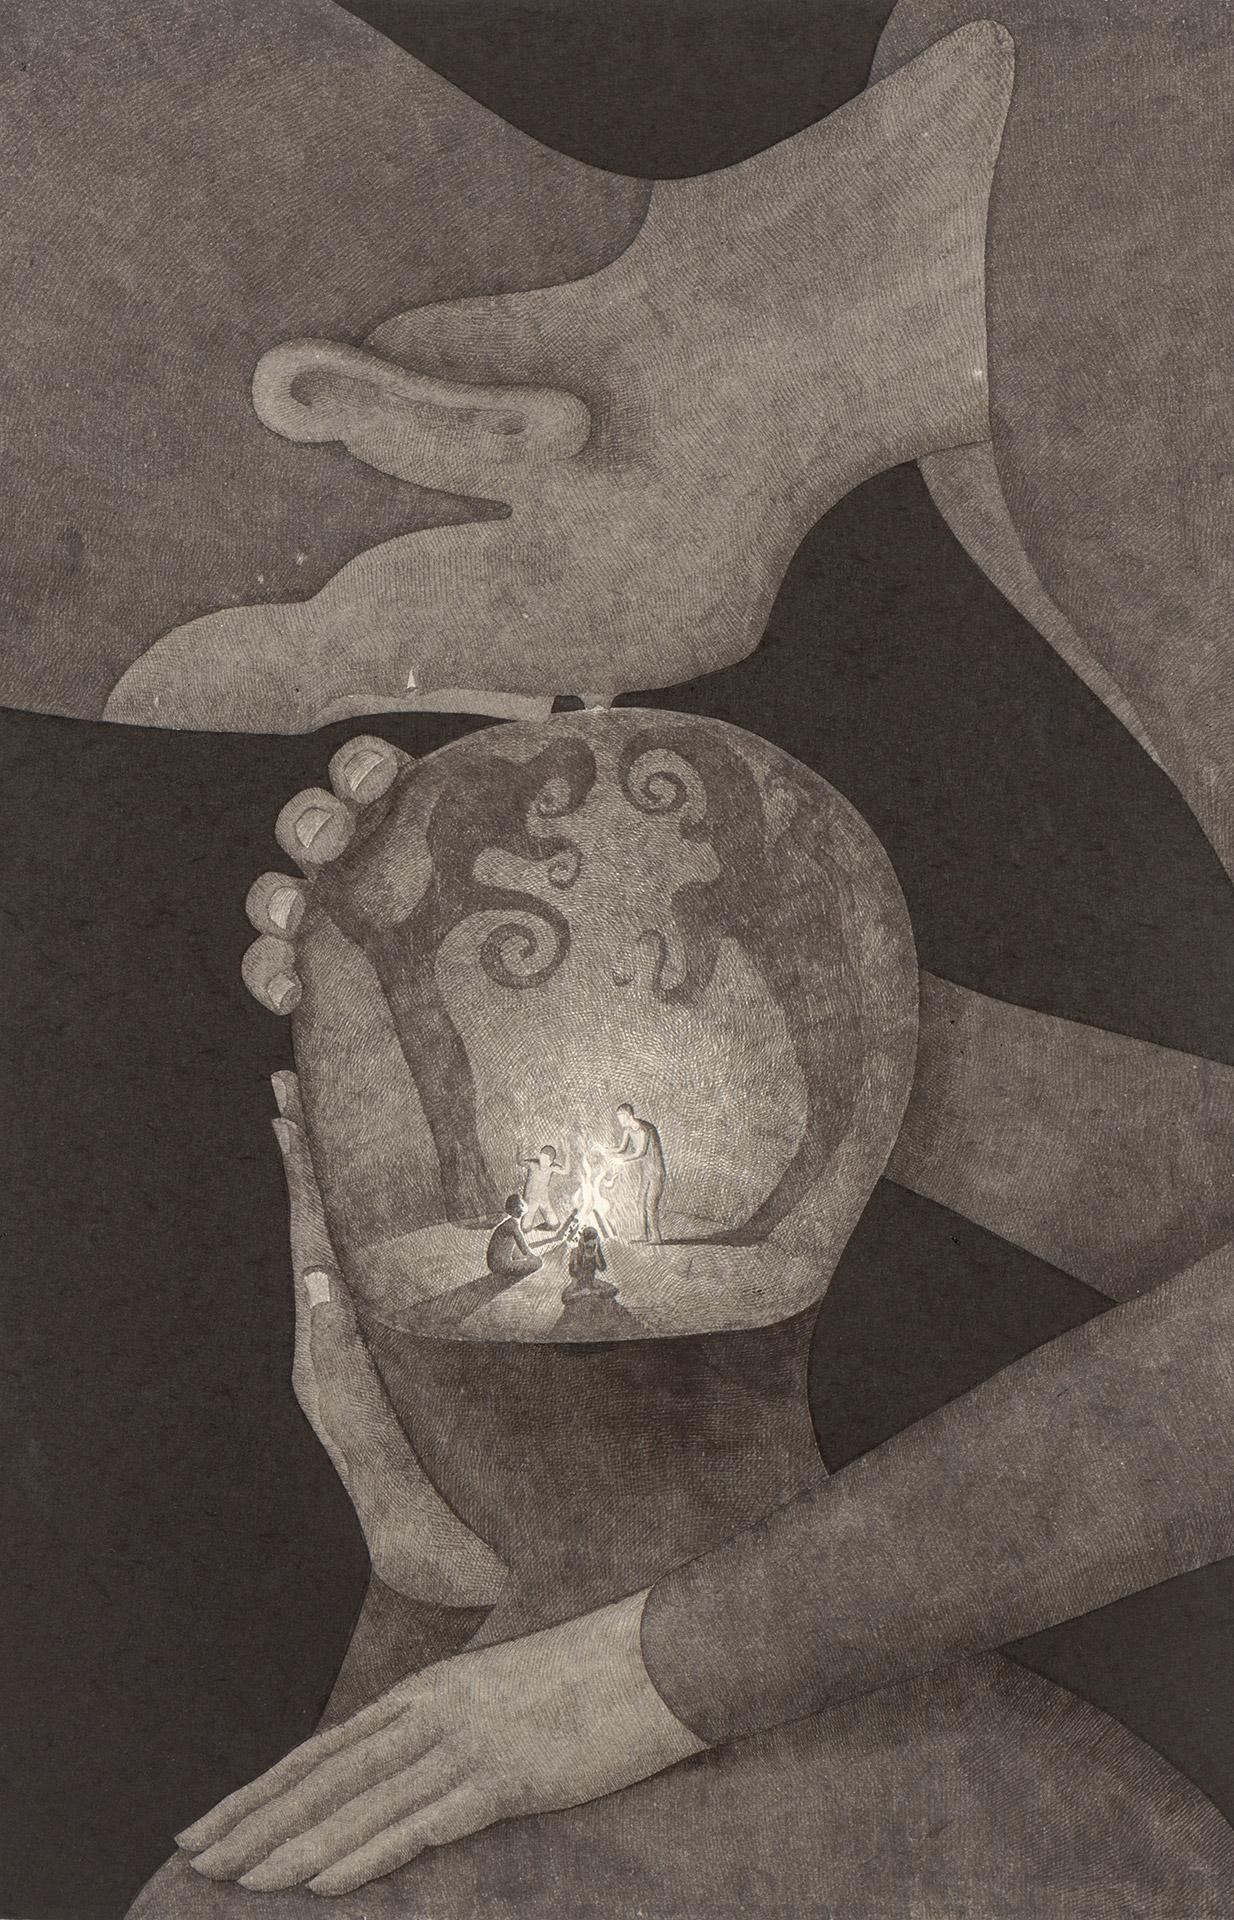 건강한 삶을 위하여 /  The cessation of pain   Op. 0205P -48 x 72 cm,Korean ink on Korean paper, 2018